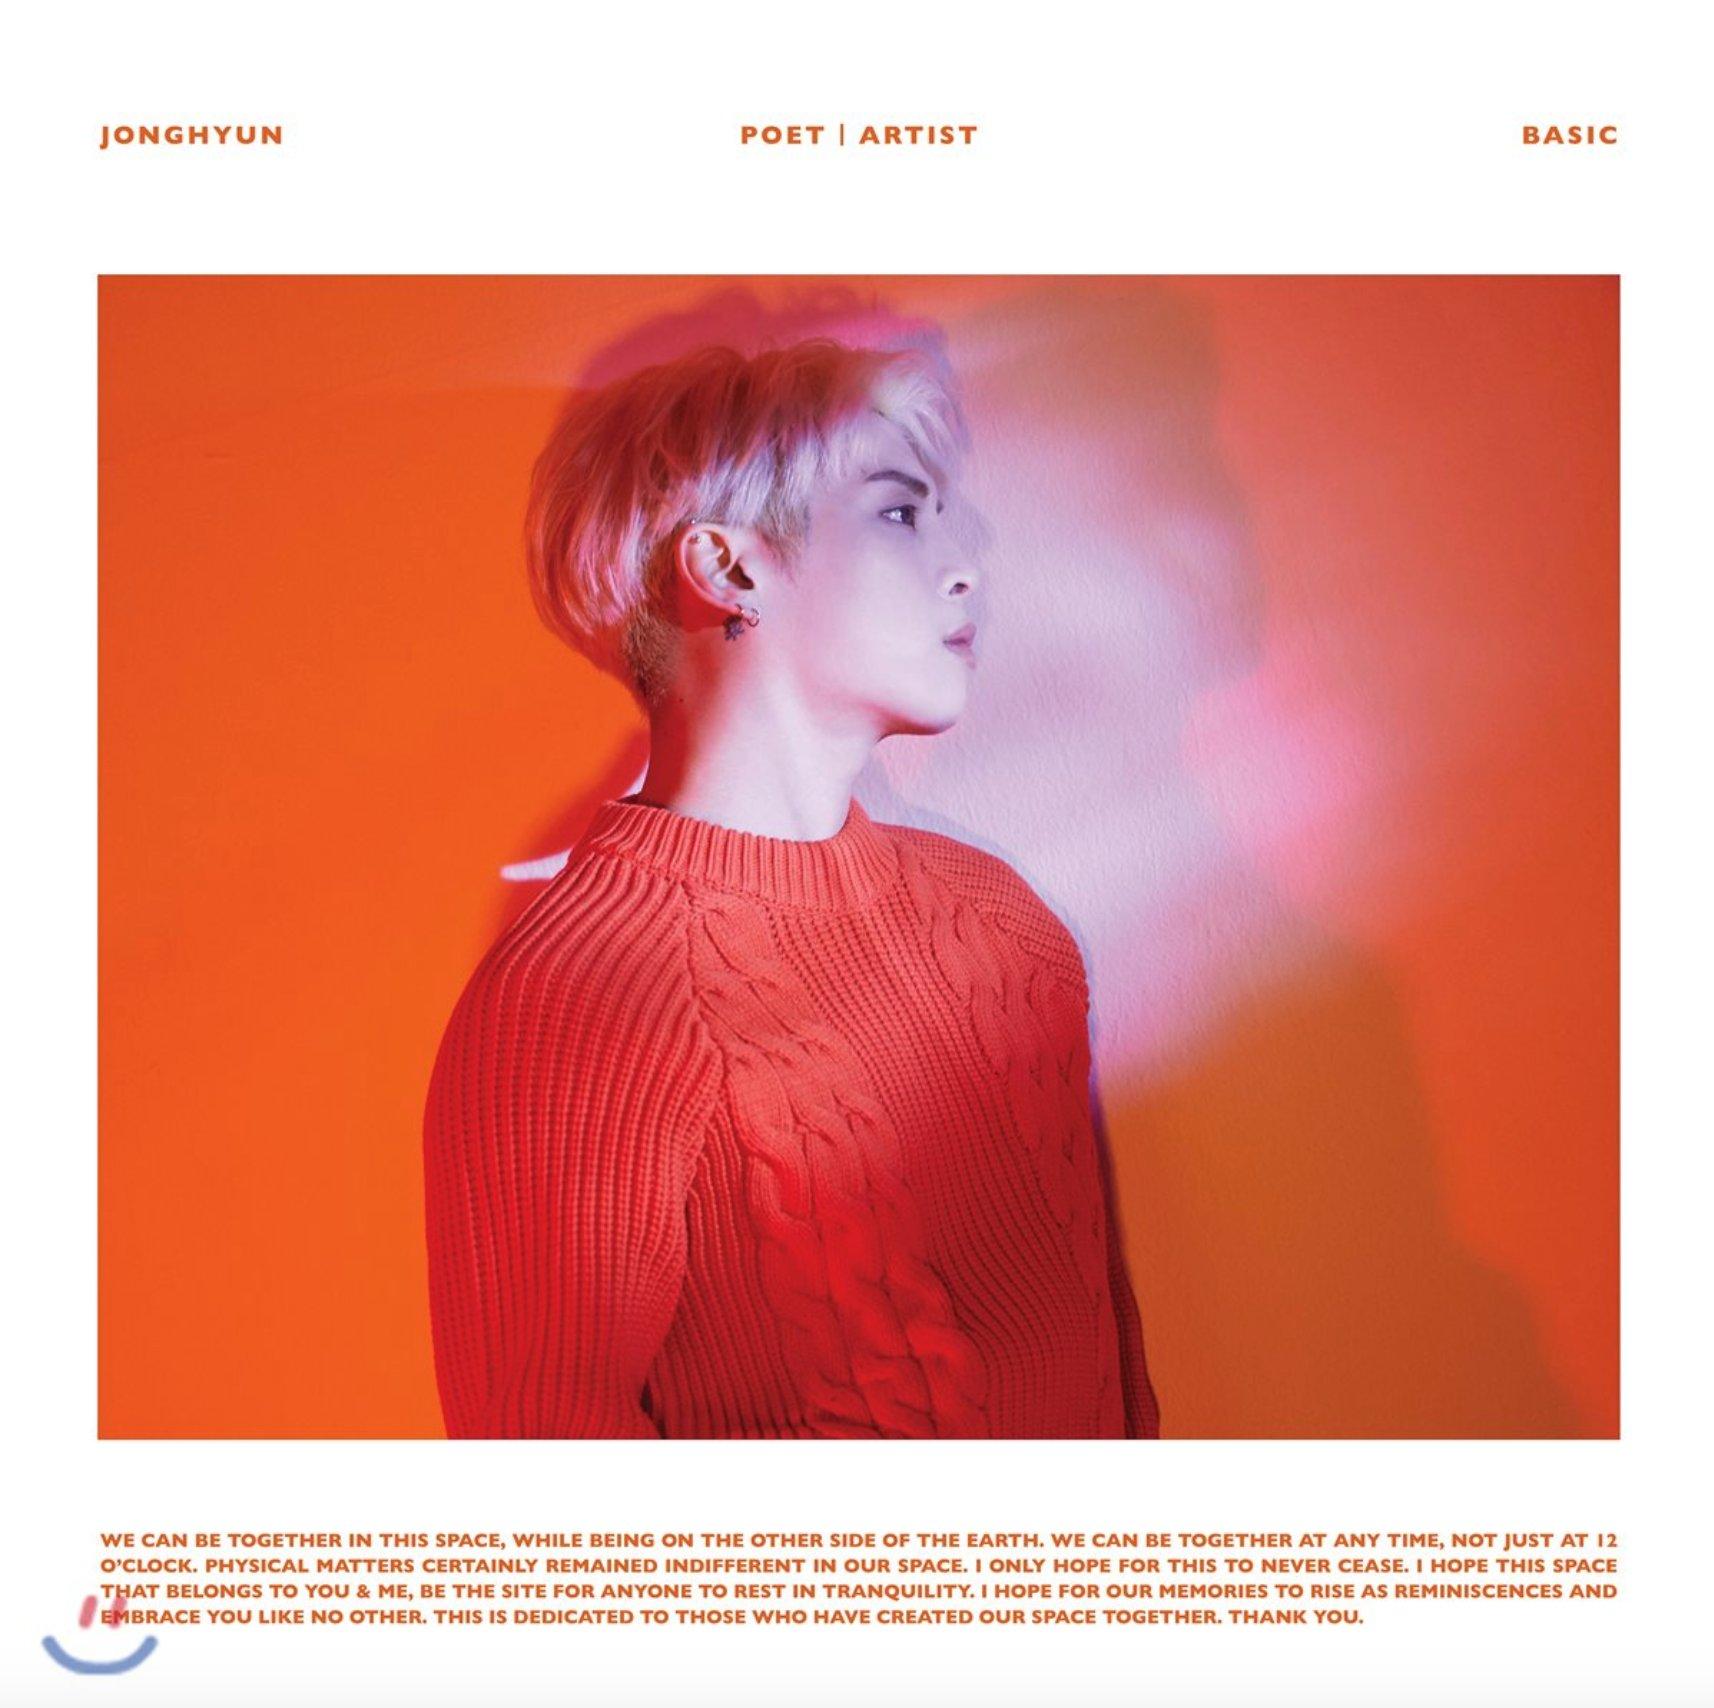 Imagini pentru jonghyun poet artist album